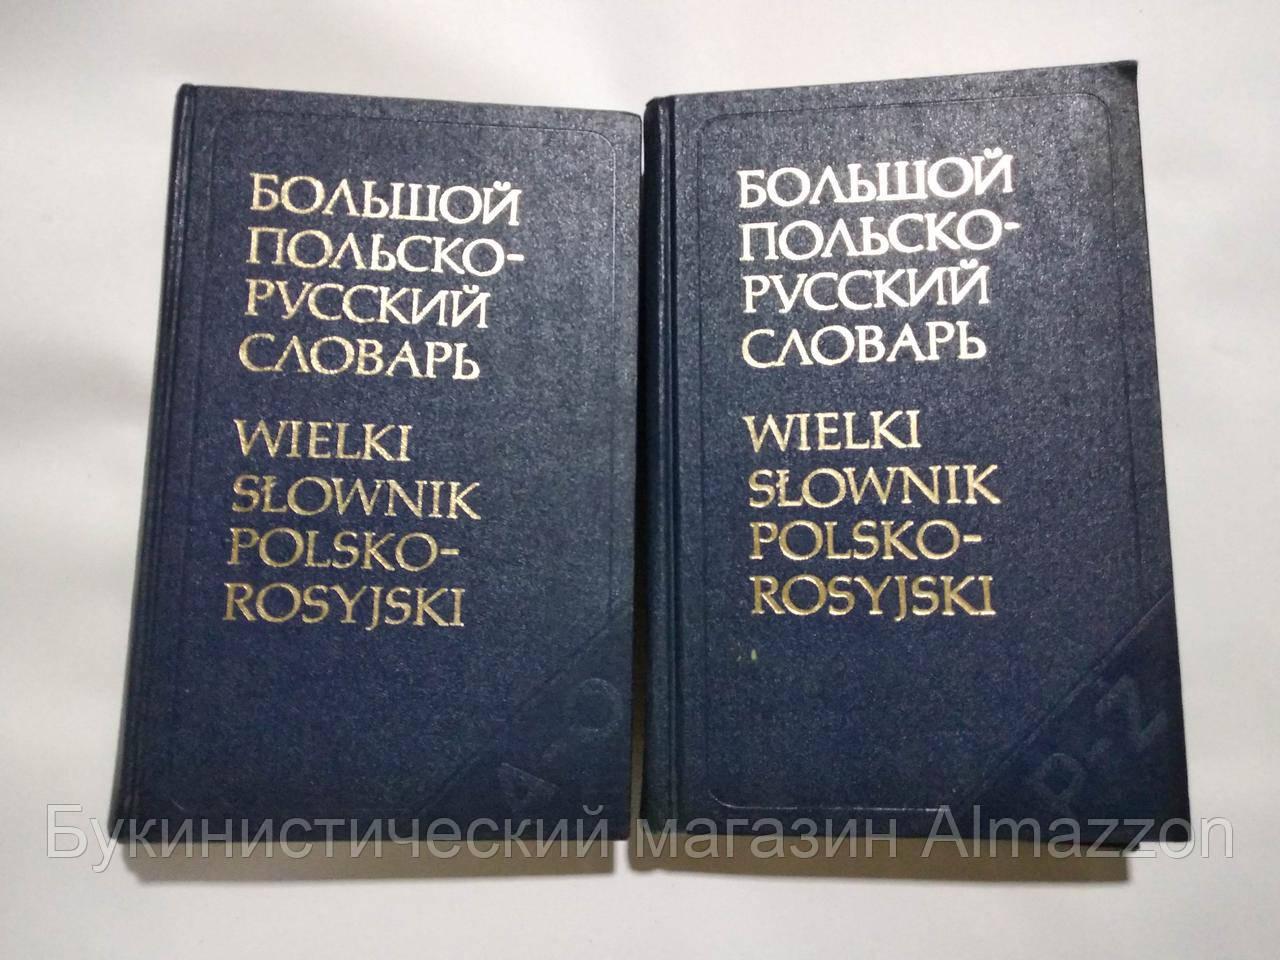 Большой польско-русский словарь. 2 тома